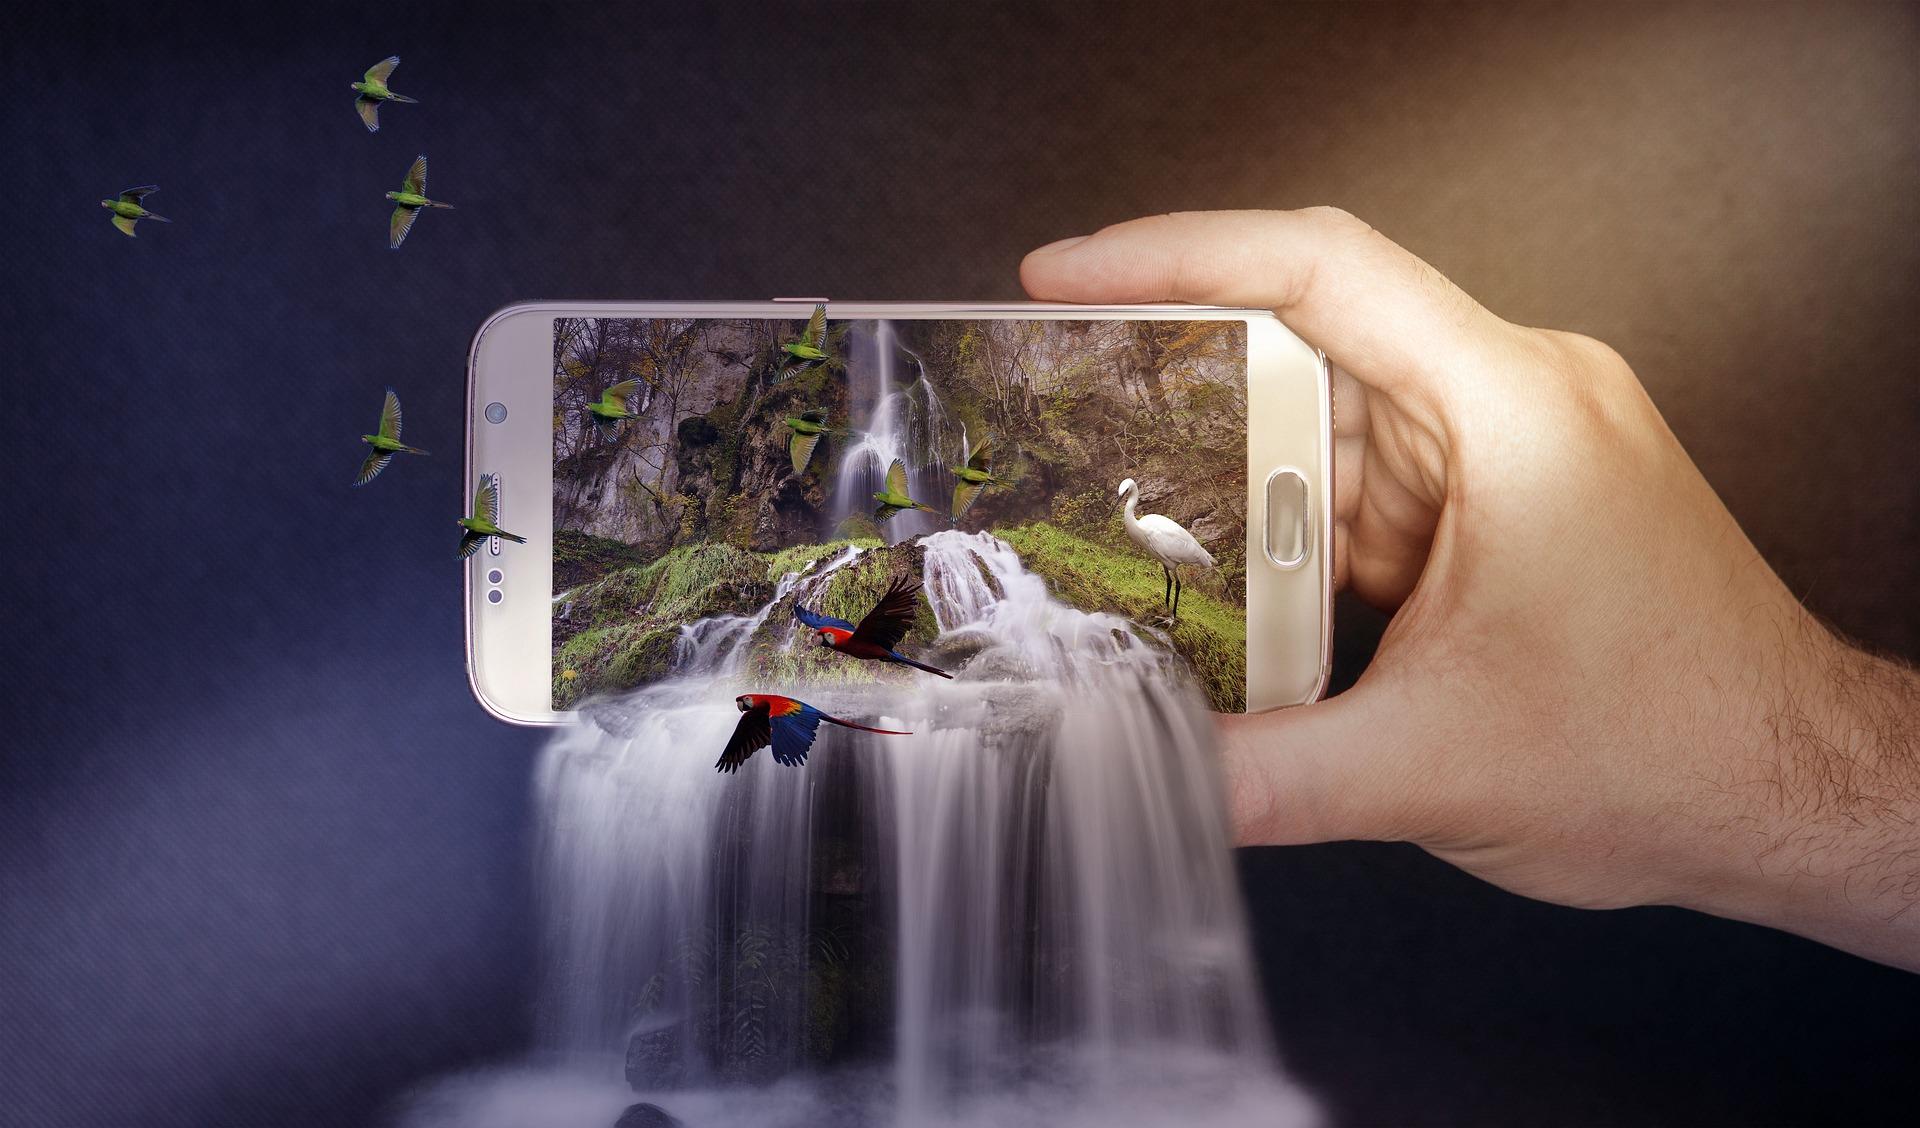 Conseils_pour_prendre_de_meilleures_photos_avec_votre_smartphone